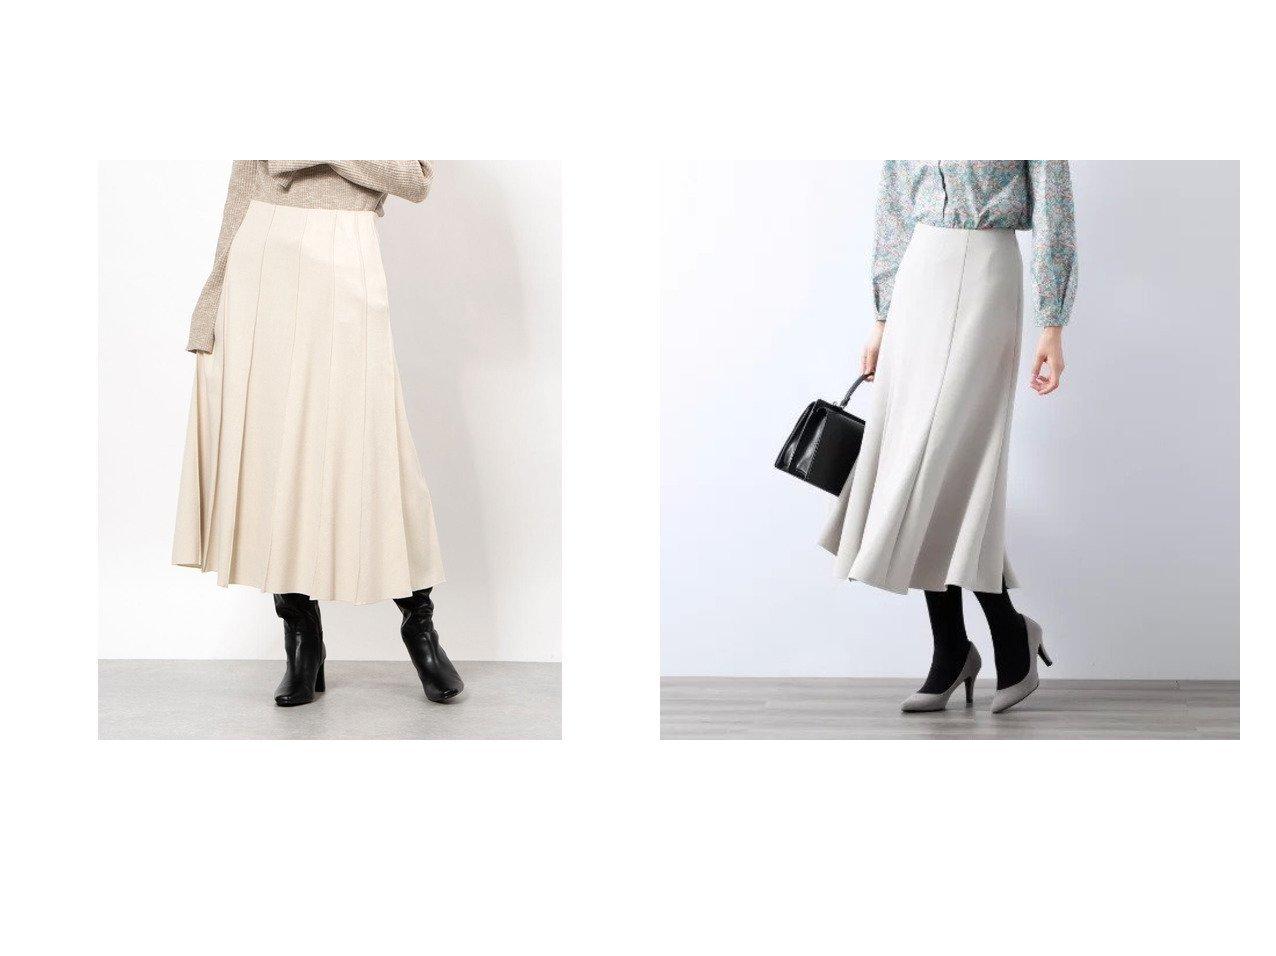 【AMACA/アマカ】のダブルクロスストレッチスカート&【Mila Owen/ミラオーウェン】のウール混パネルデザインミディSK スカートのおすすめ!人気トレンド・レディースファッションの通販 おすすめで人気の流行・トレンド、ファッションの通販商品 メンズファッション・キッズファッション・インテリア・家具・レディースファッション・服の通販 founy(ファニー) https://founy.com/ ファッション Fashion レディースファッション WOMEN スカート Skirt スマート パープル 冬 Winter ストレッチ マキシ ロング  ID:crp329100000008994